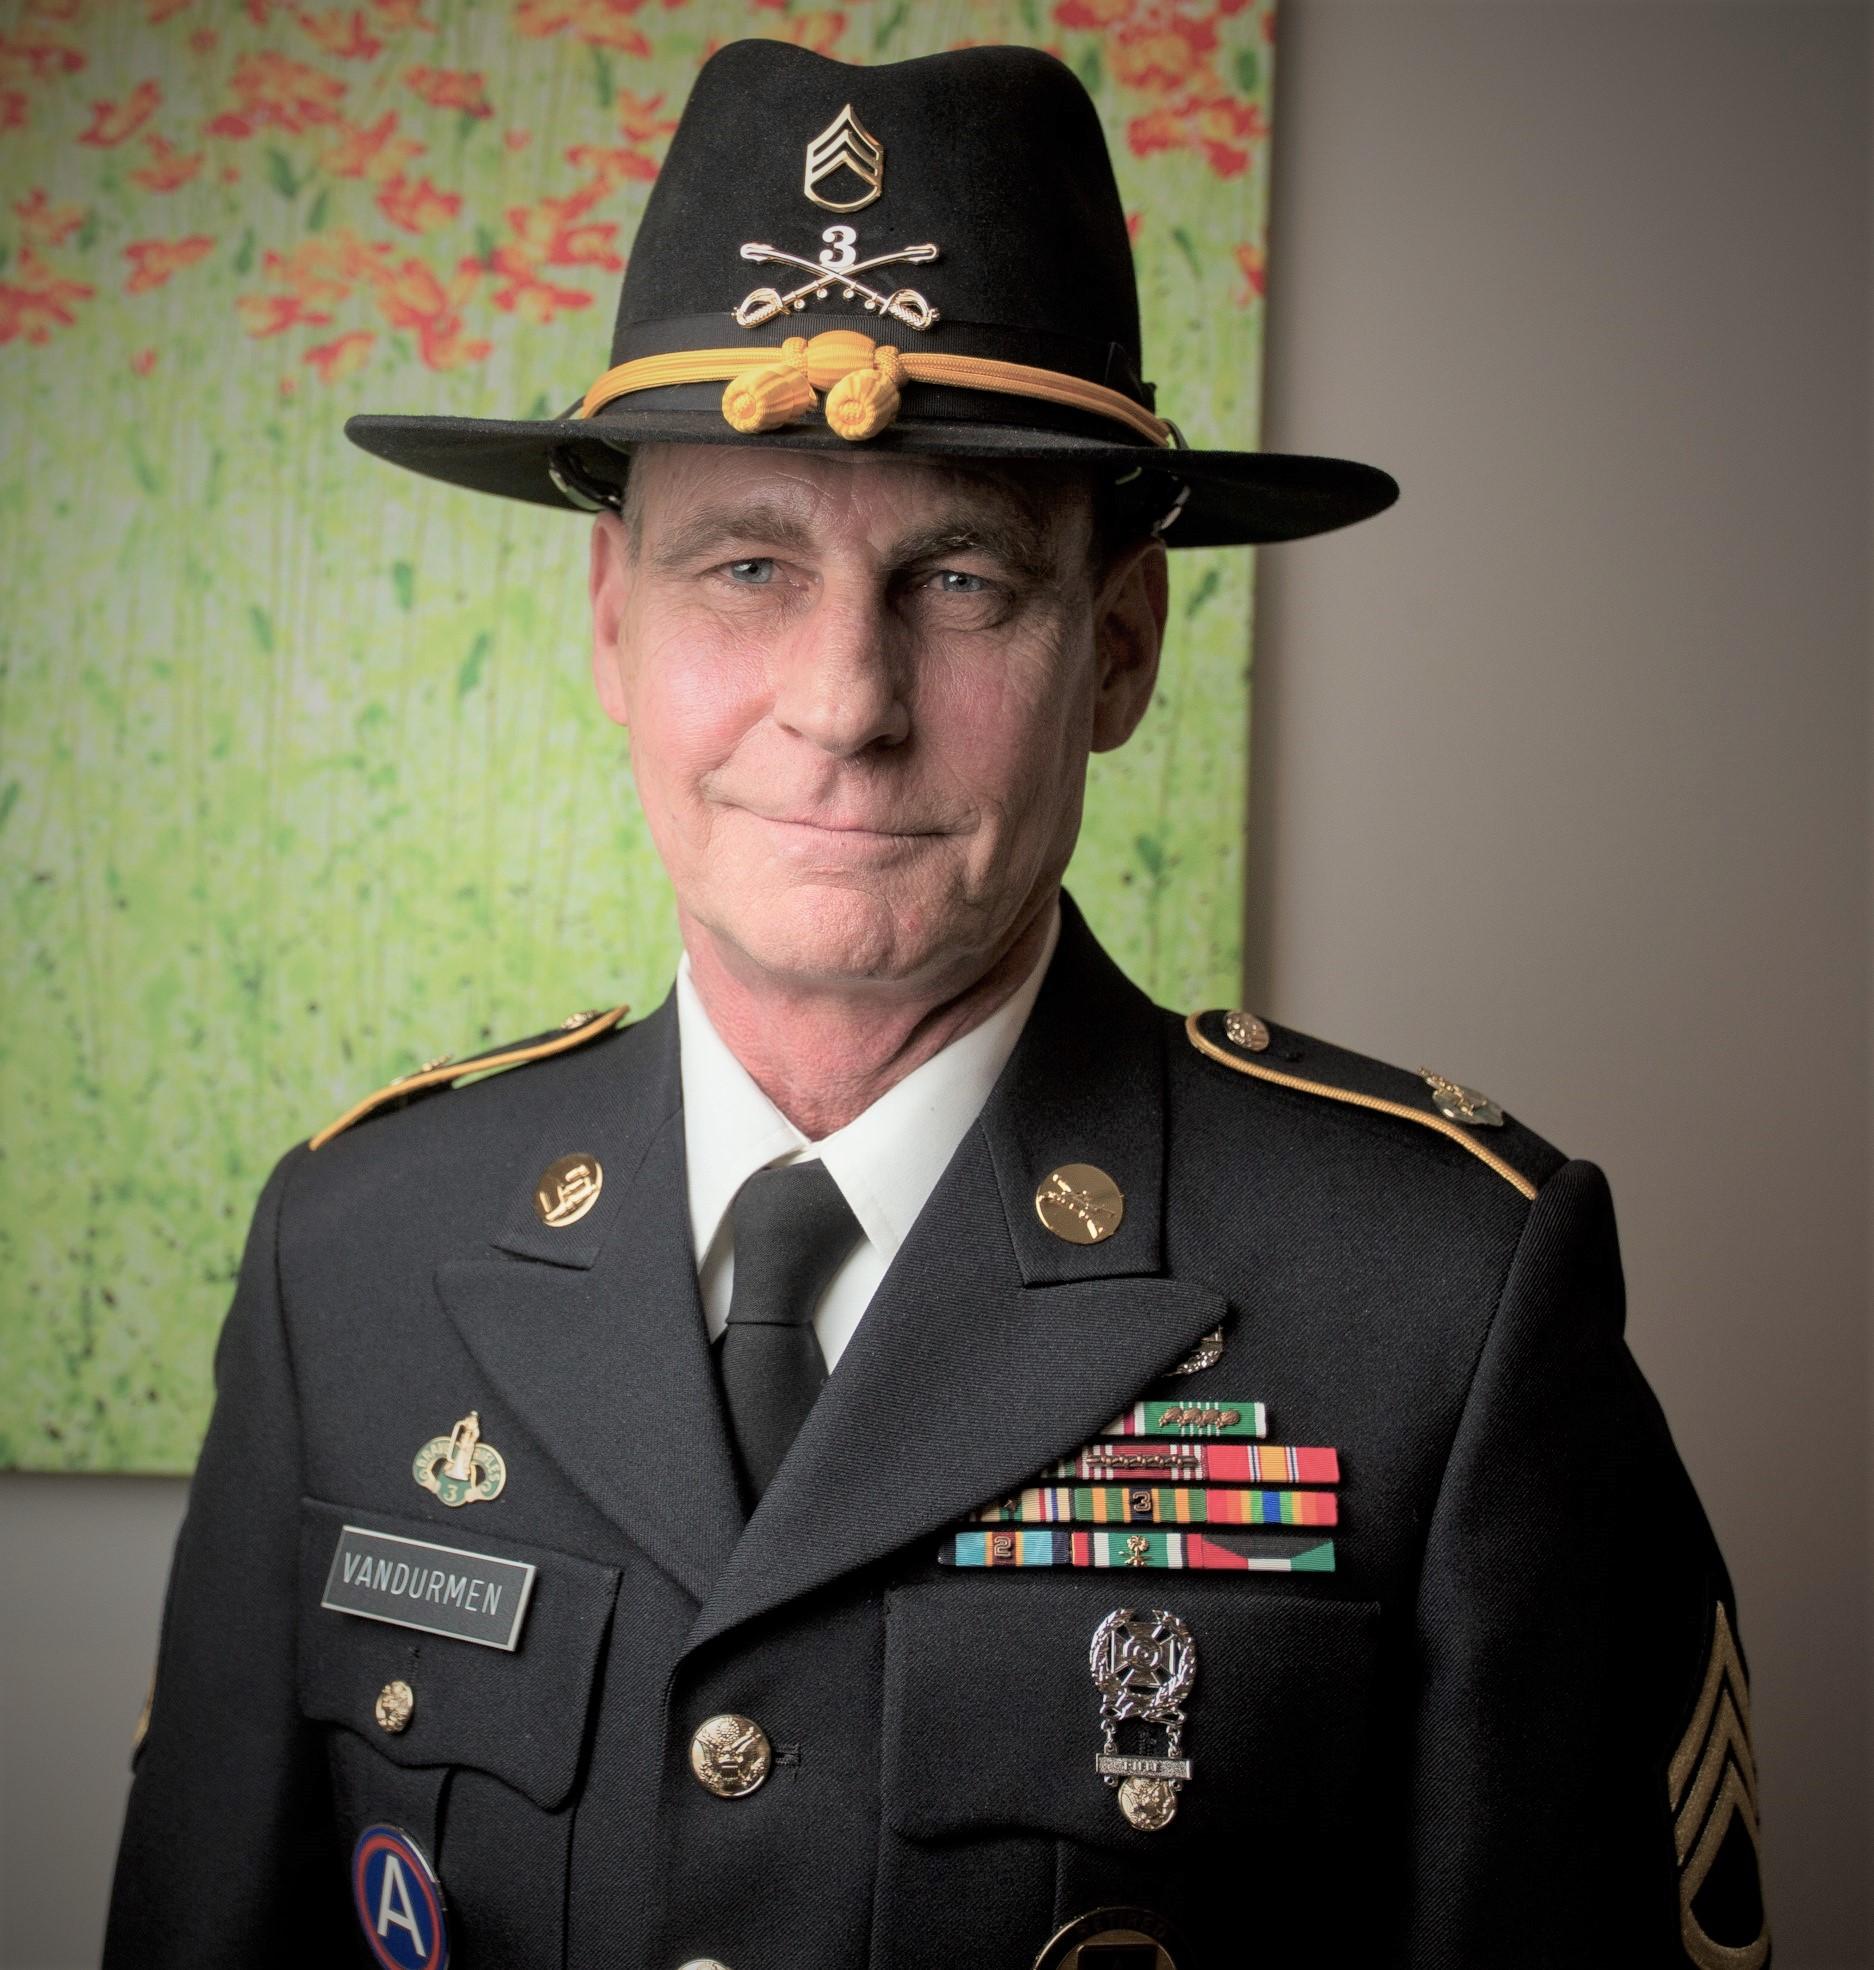 Carl B. VanDurmen Sr.